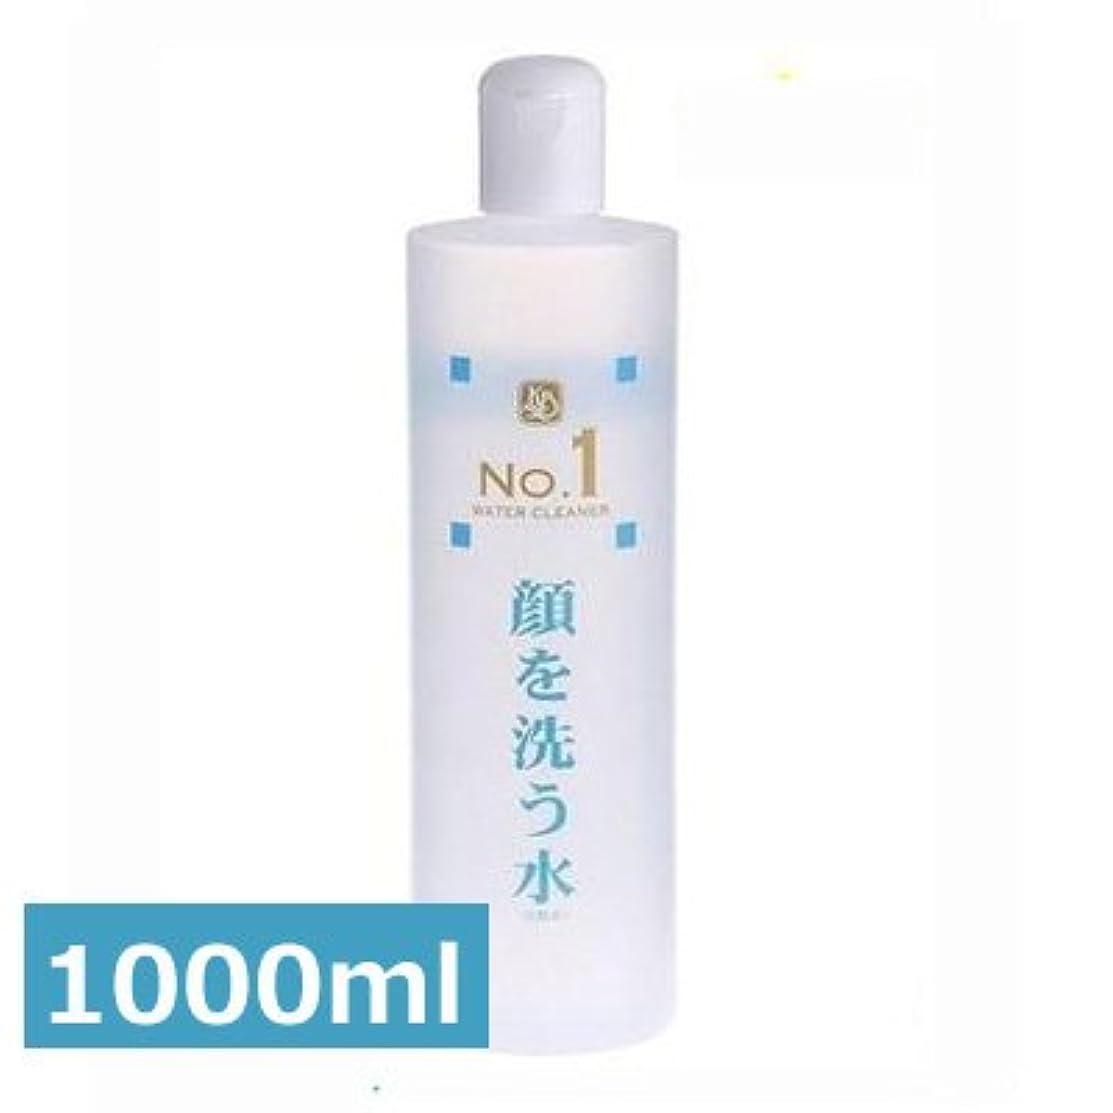 非常に着服帆顔を洗う水 No.1 1000ml×2本